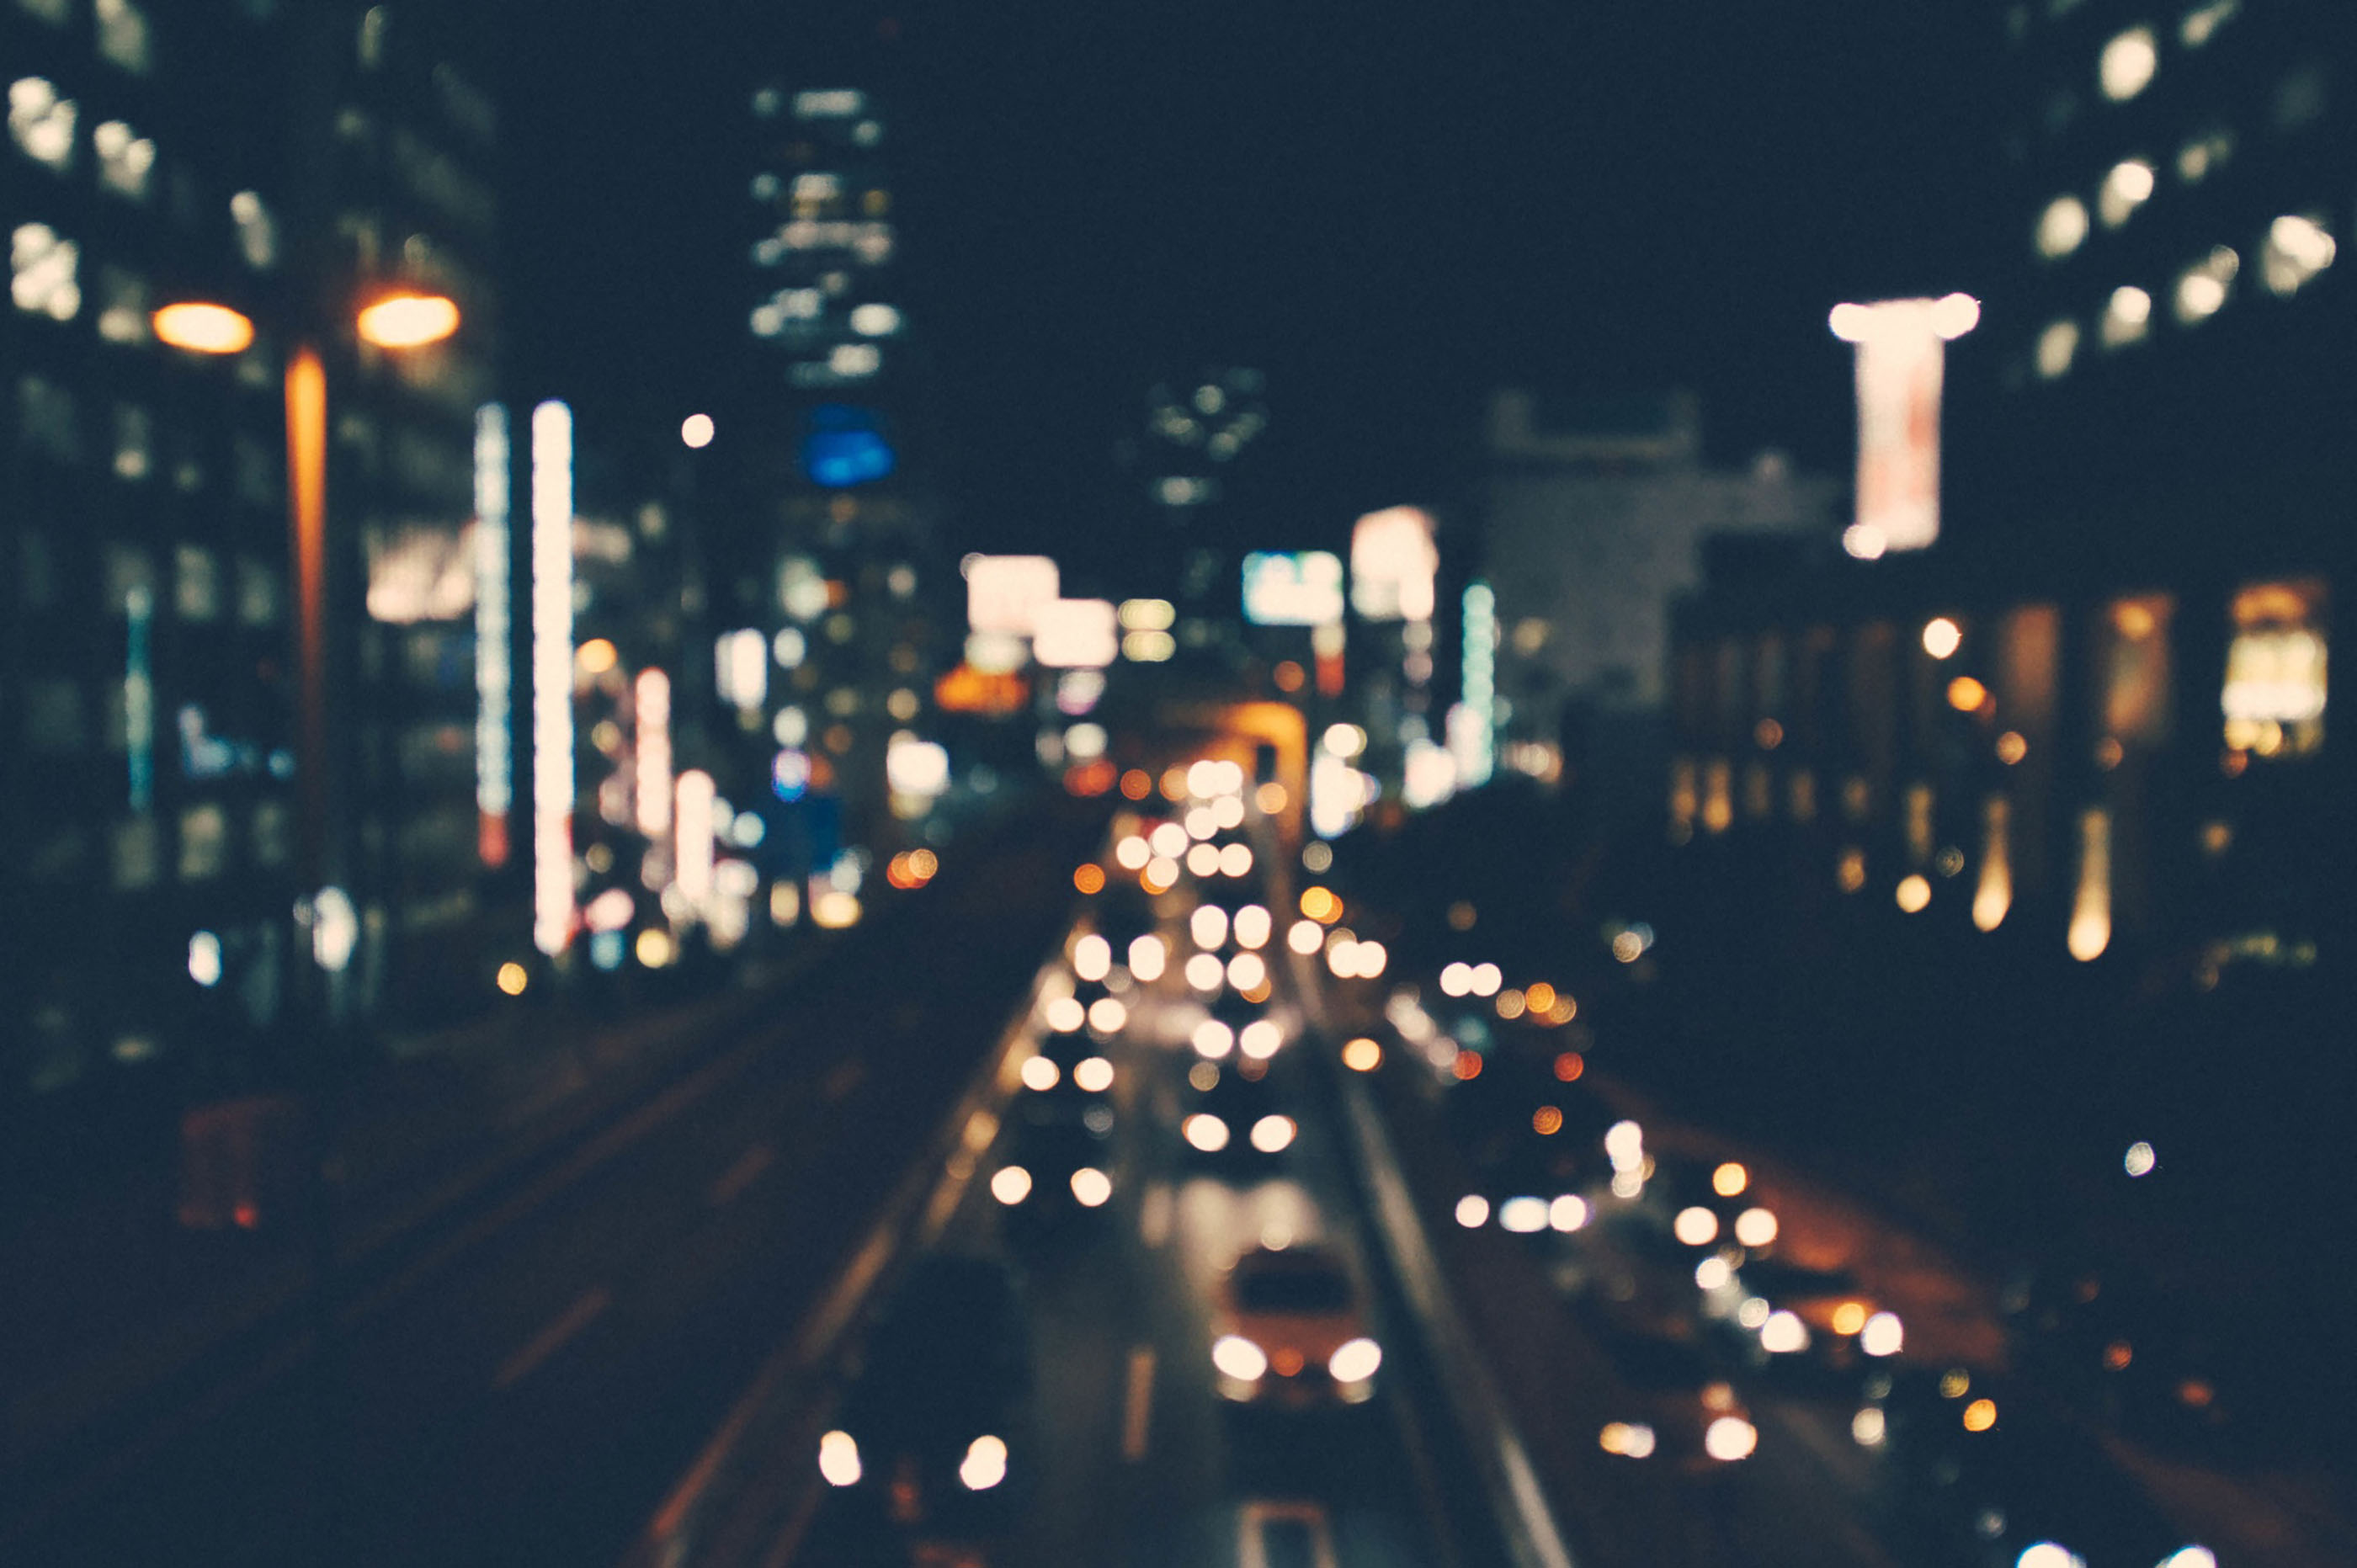 Blur_Cars.jpg